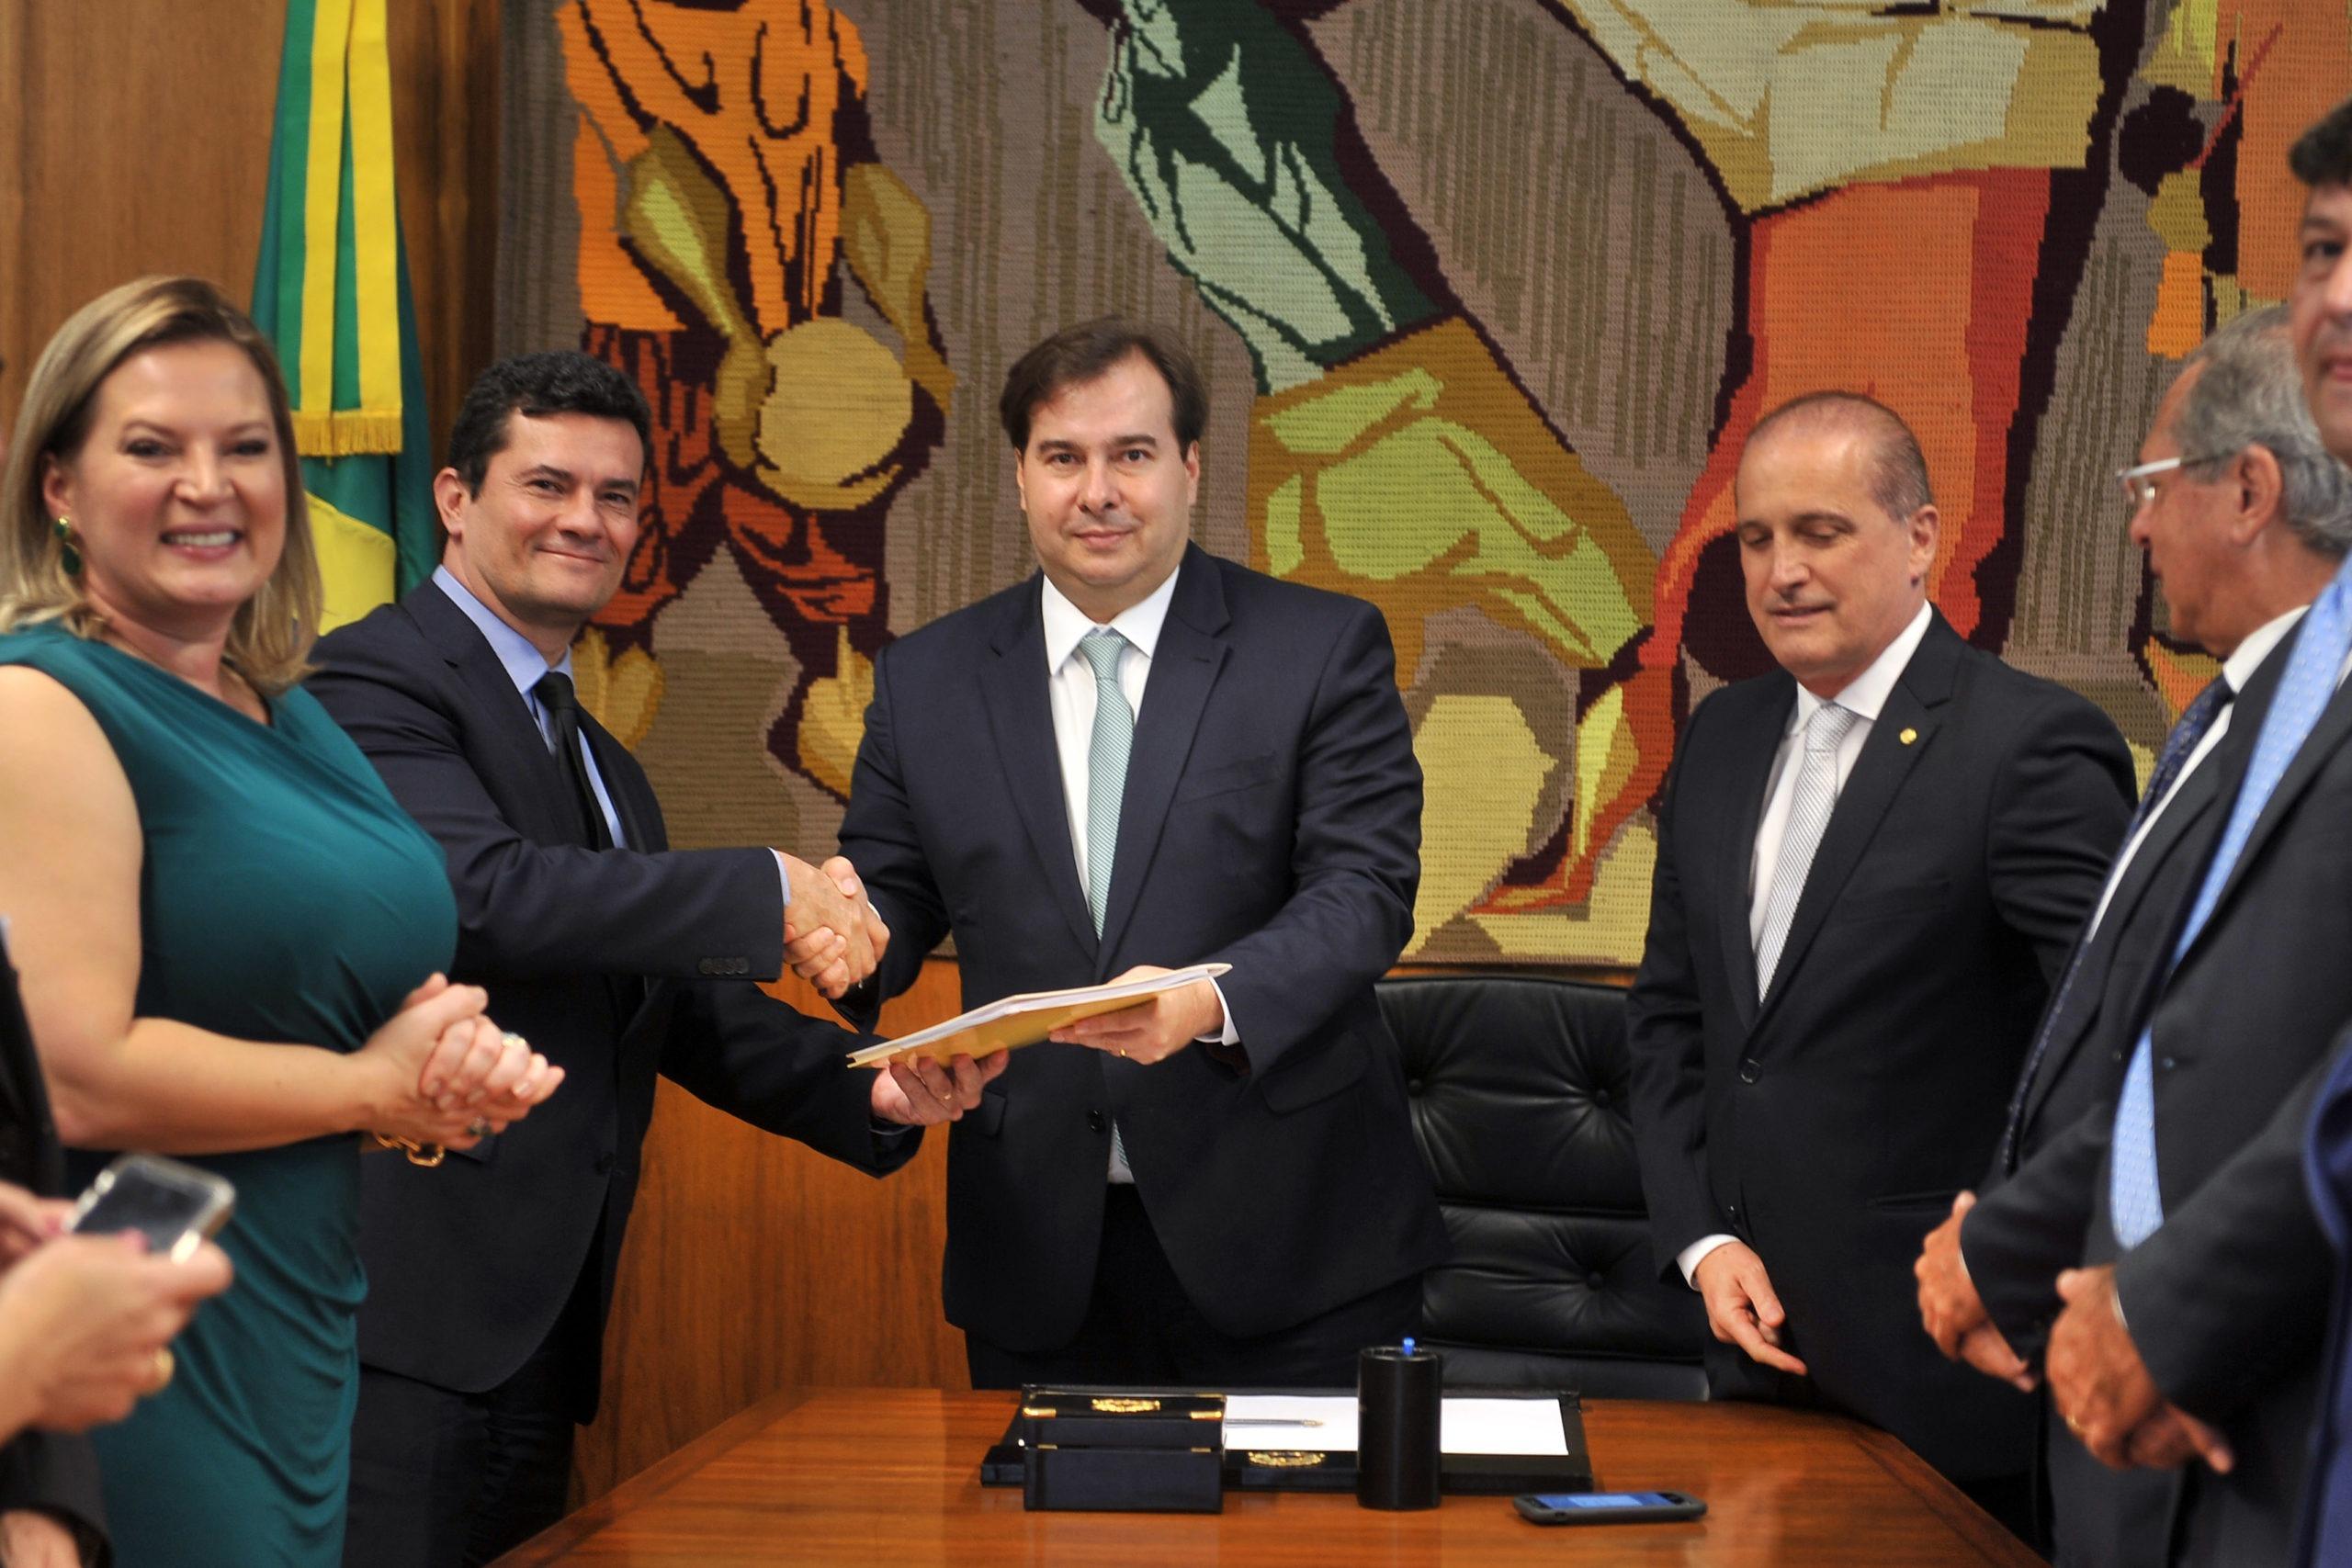 Governo Bolsonaro entrega proposta anticrime para Câmara dos Deputados